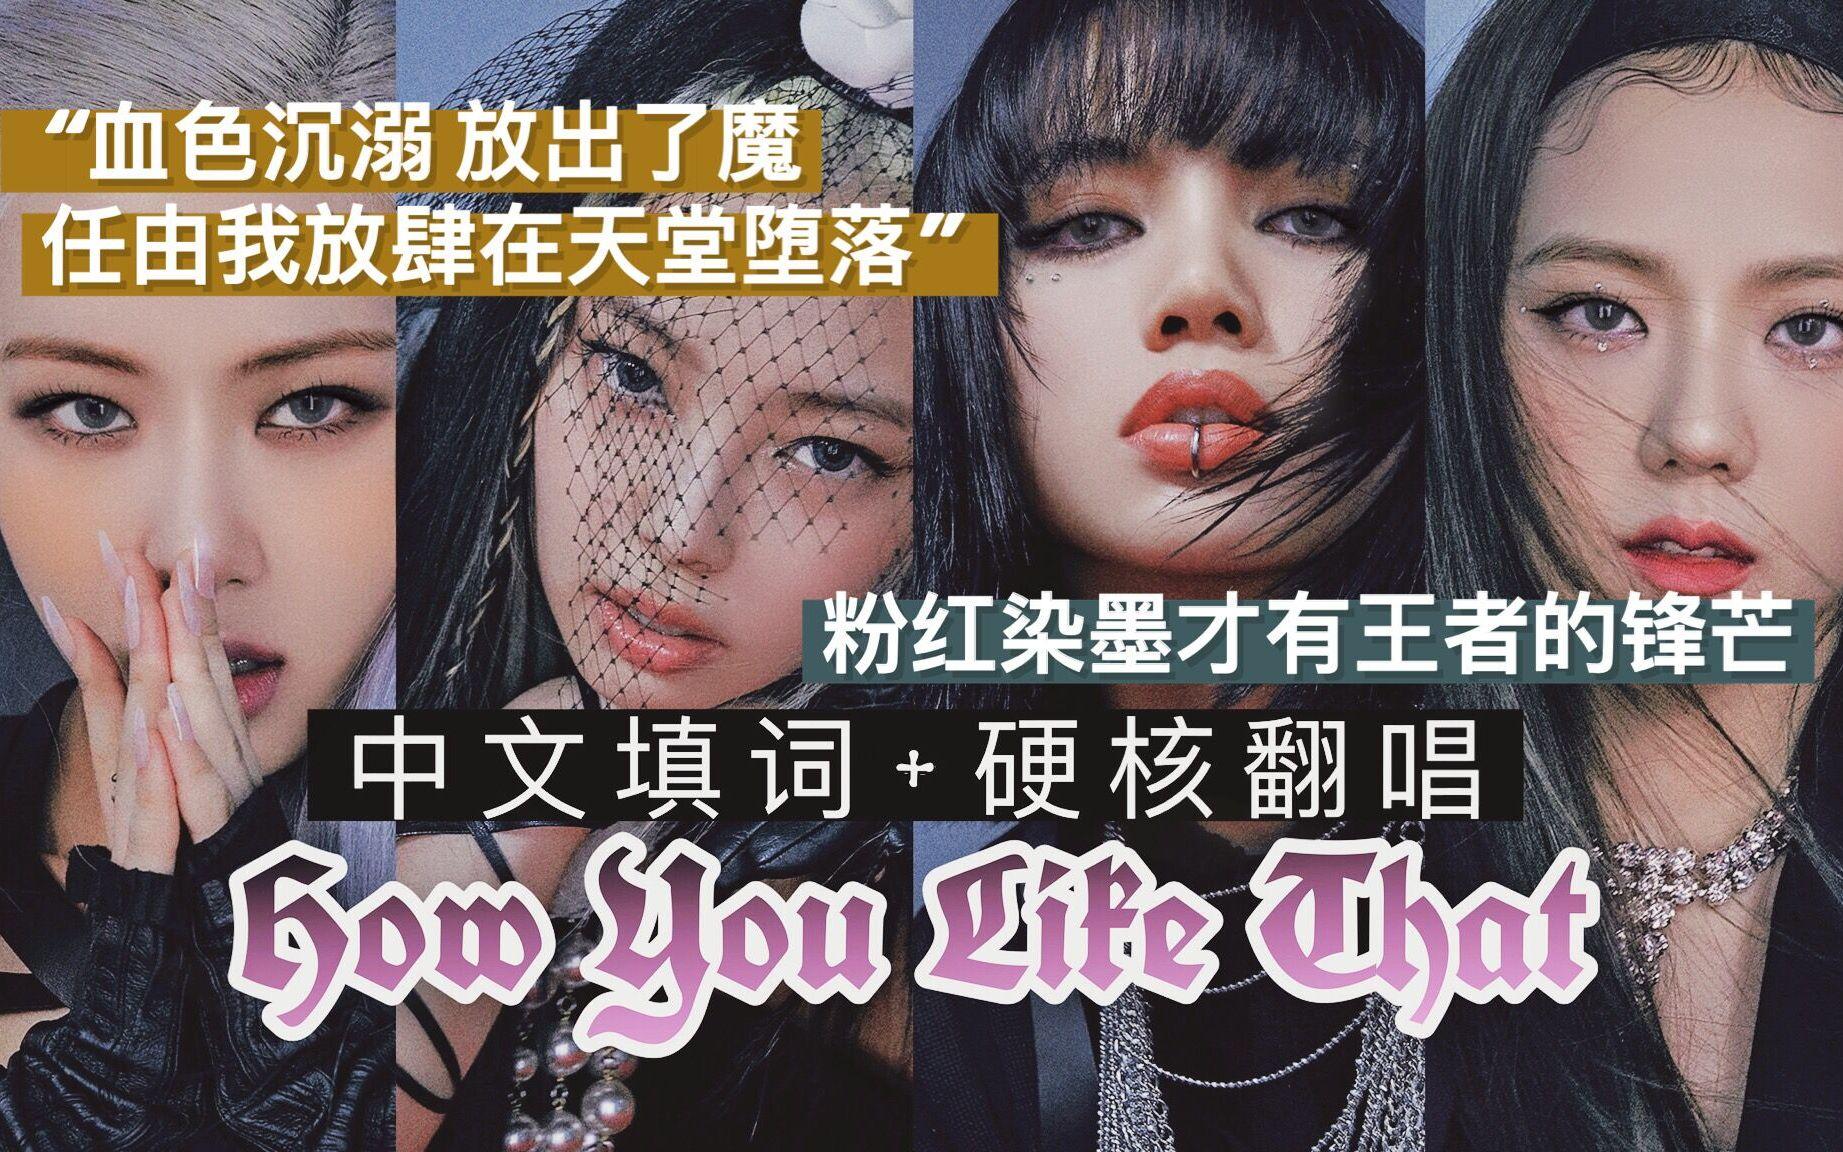 全網最強中文版How You Like That 暗黑病嬌風 還有比這更燃的Rap嗎_嗶哩嗶哩 (゜-゜)つロ 干杯~-bilibili